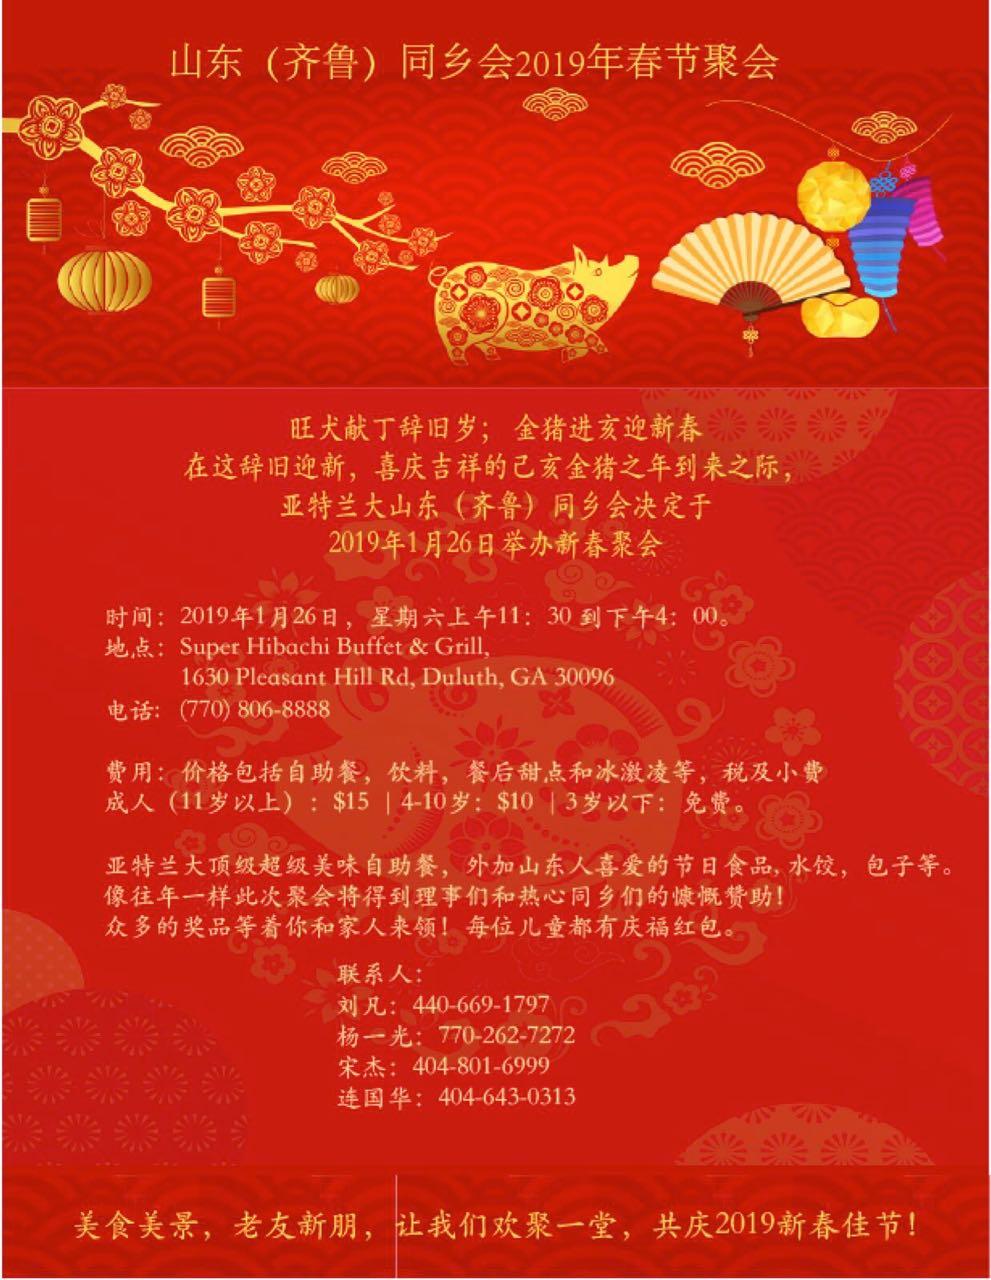 山东(齐鲁)同乡会2019年春节聚会